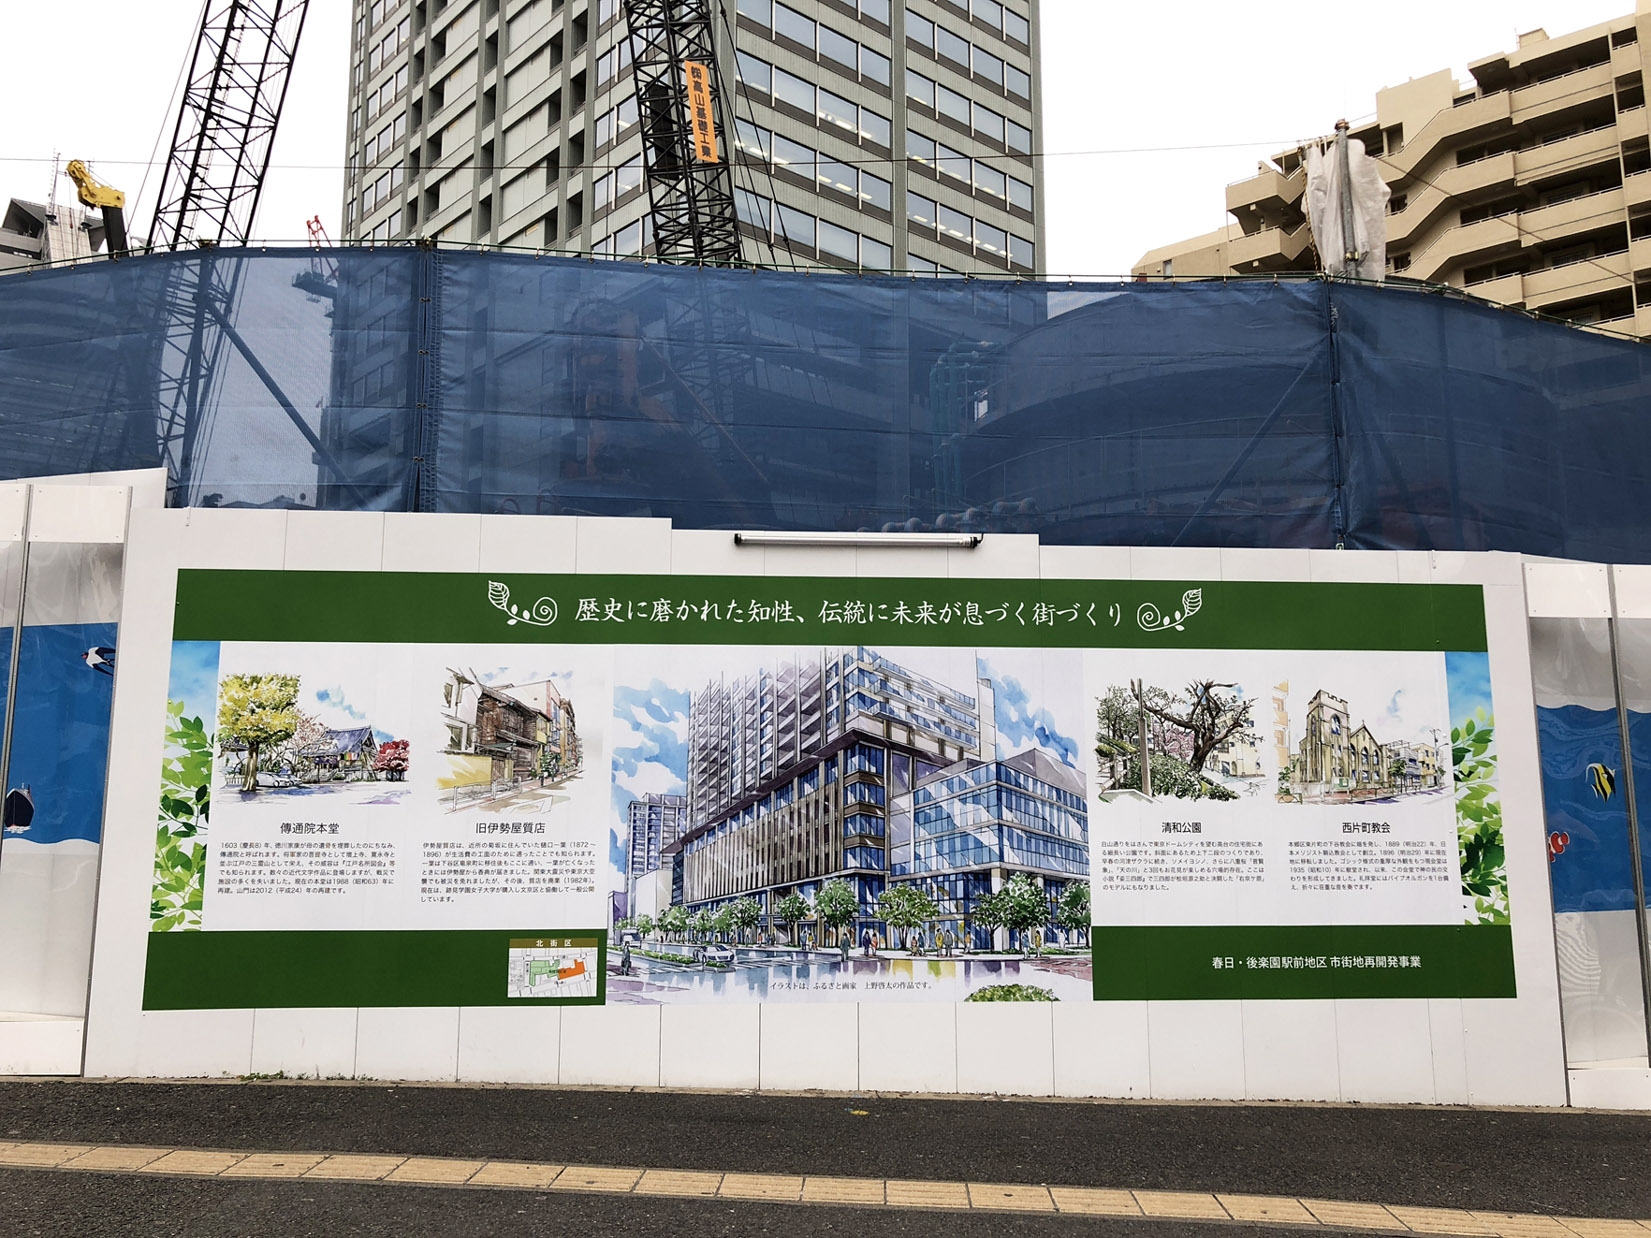 文京区の再開発エリアの壁面アートに採用されたマーチング委員会イラスト